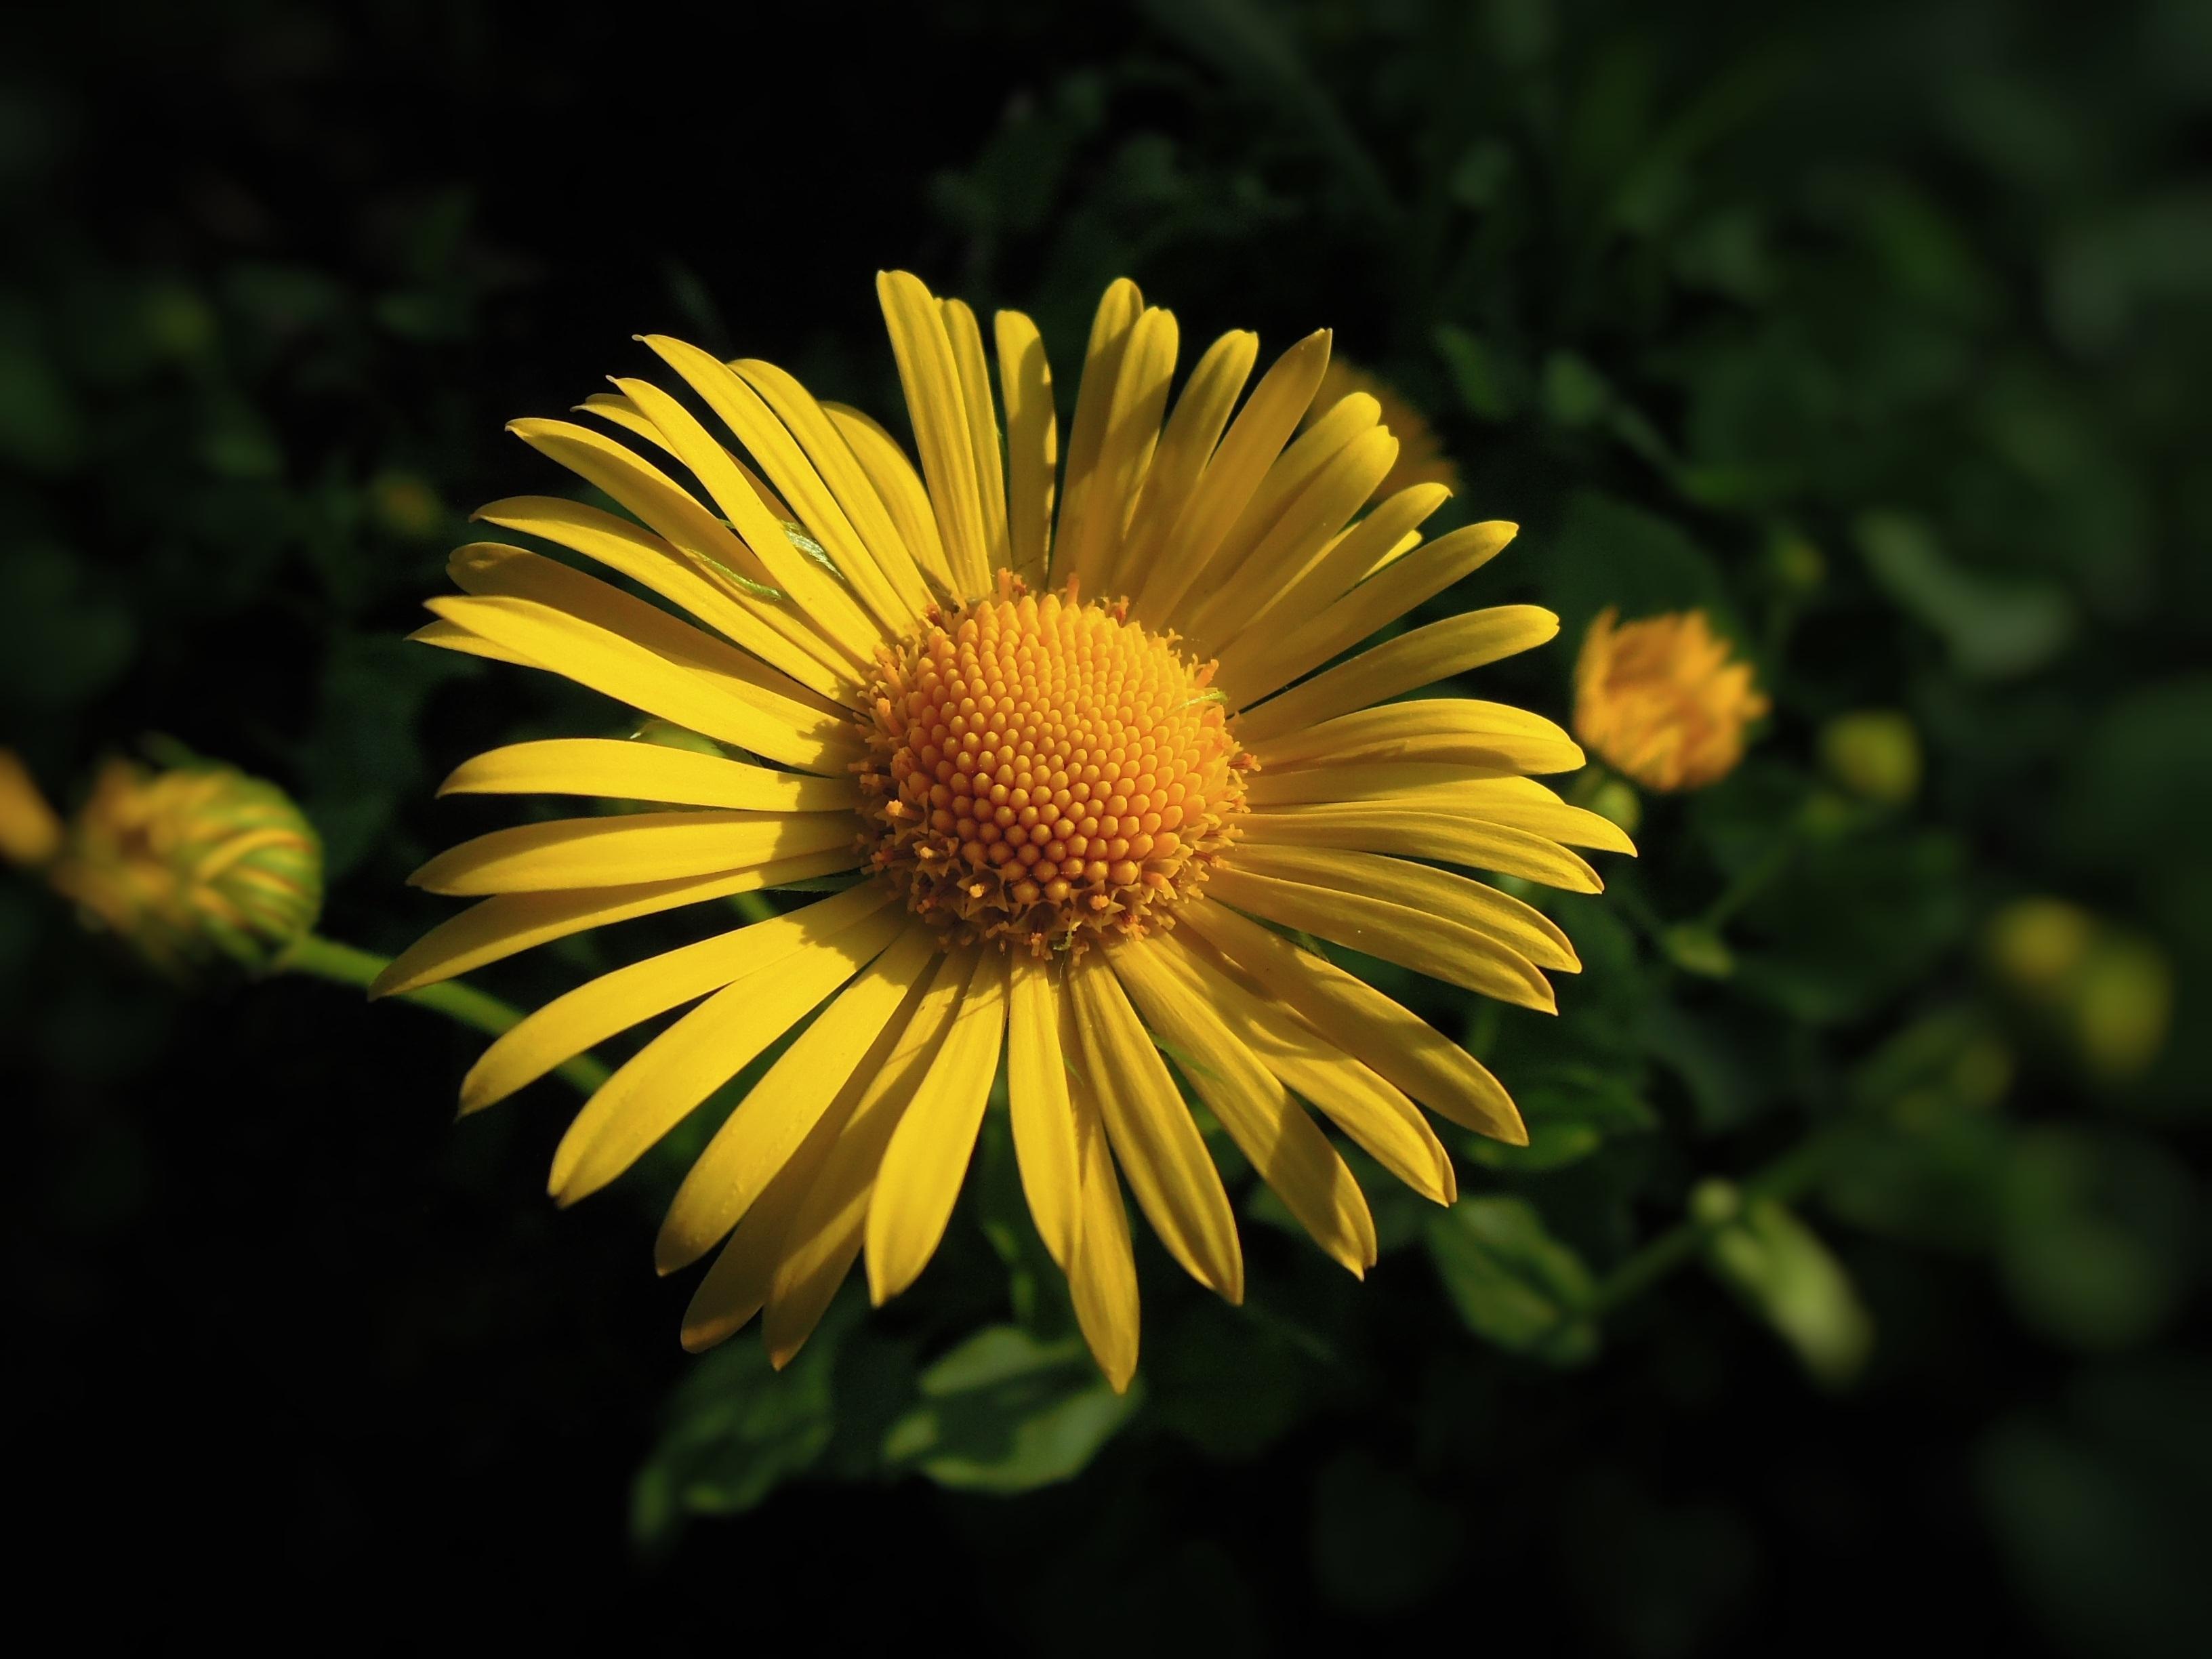 Images Gratuites : la nature, champ, pétale, Marguerite, vert ...